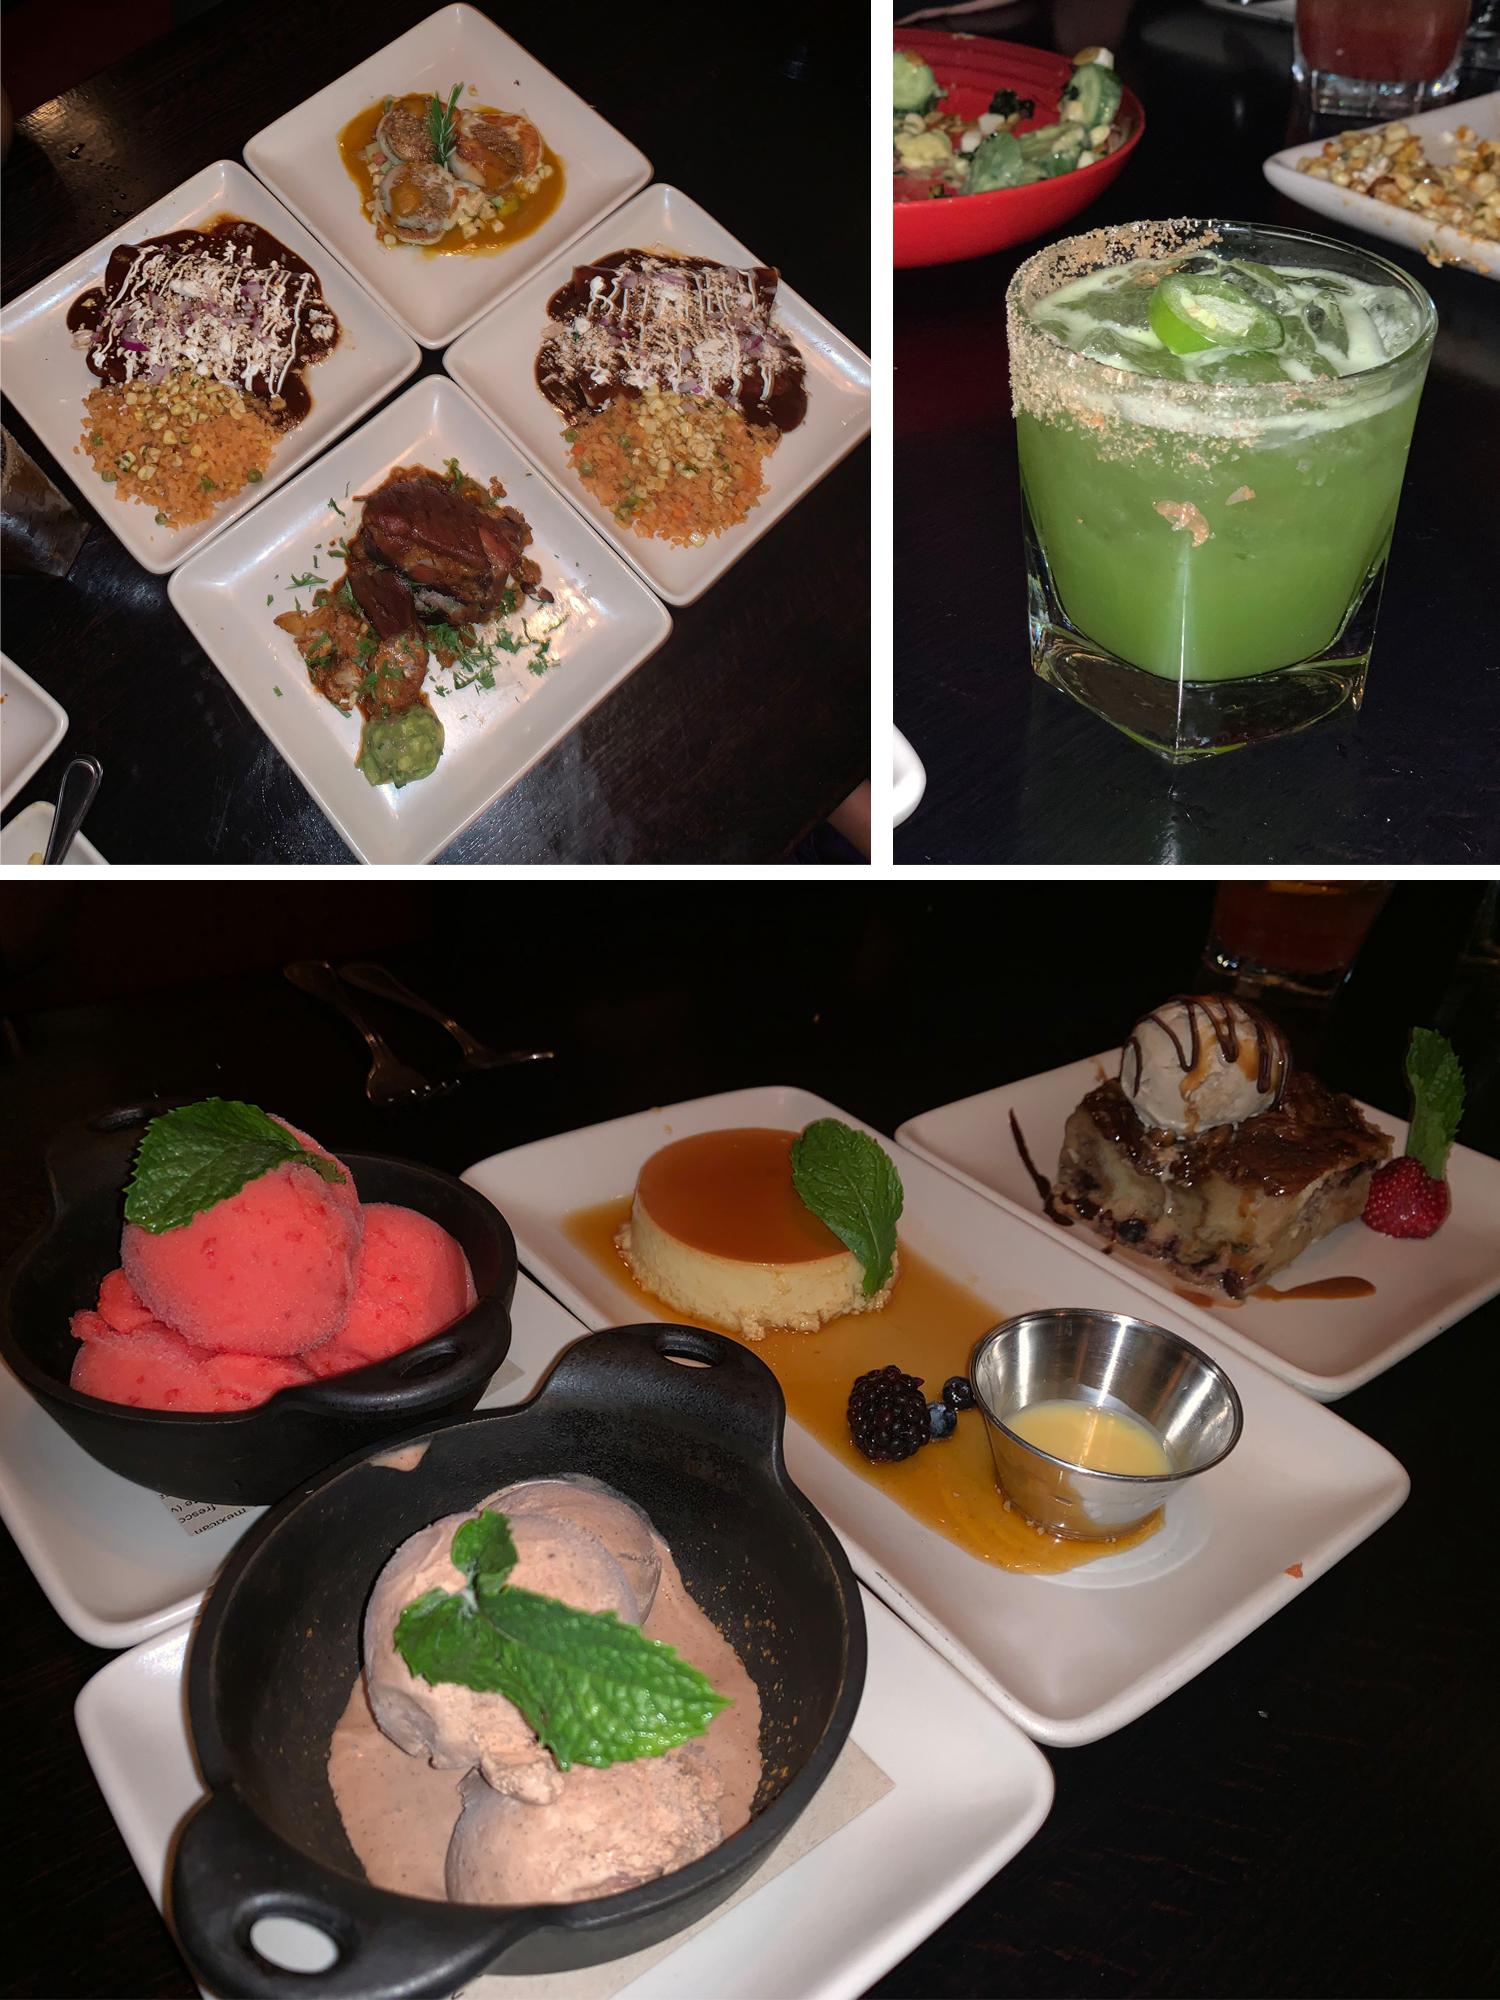 Mercardo Pasadena restaurant review